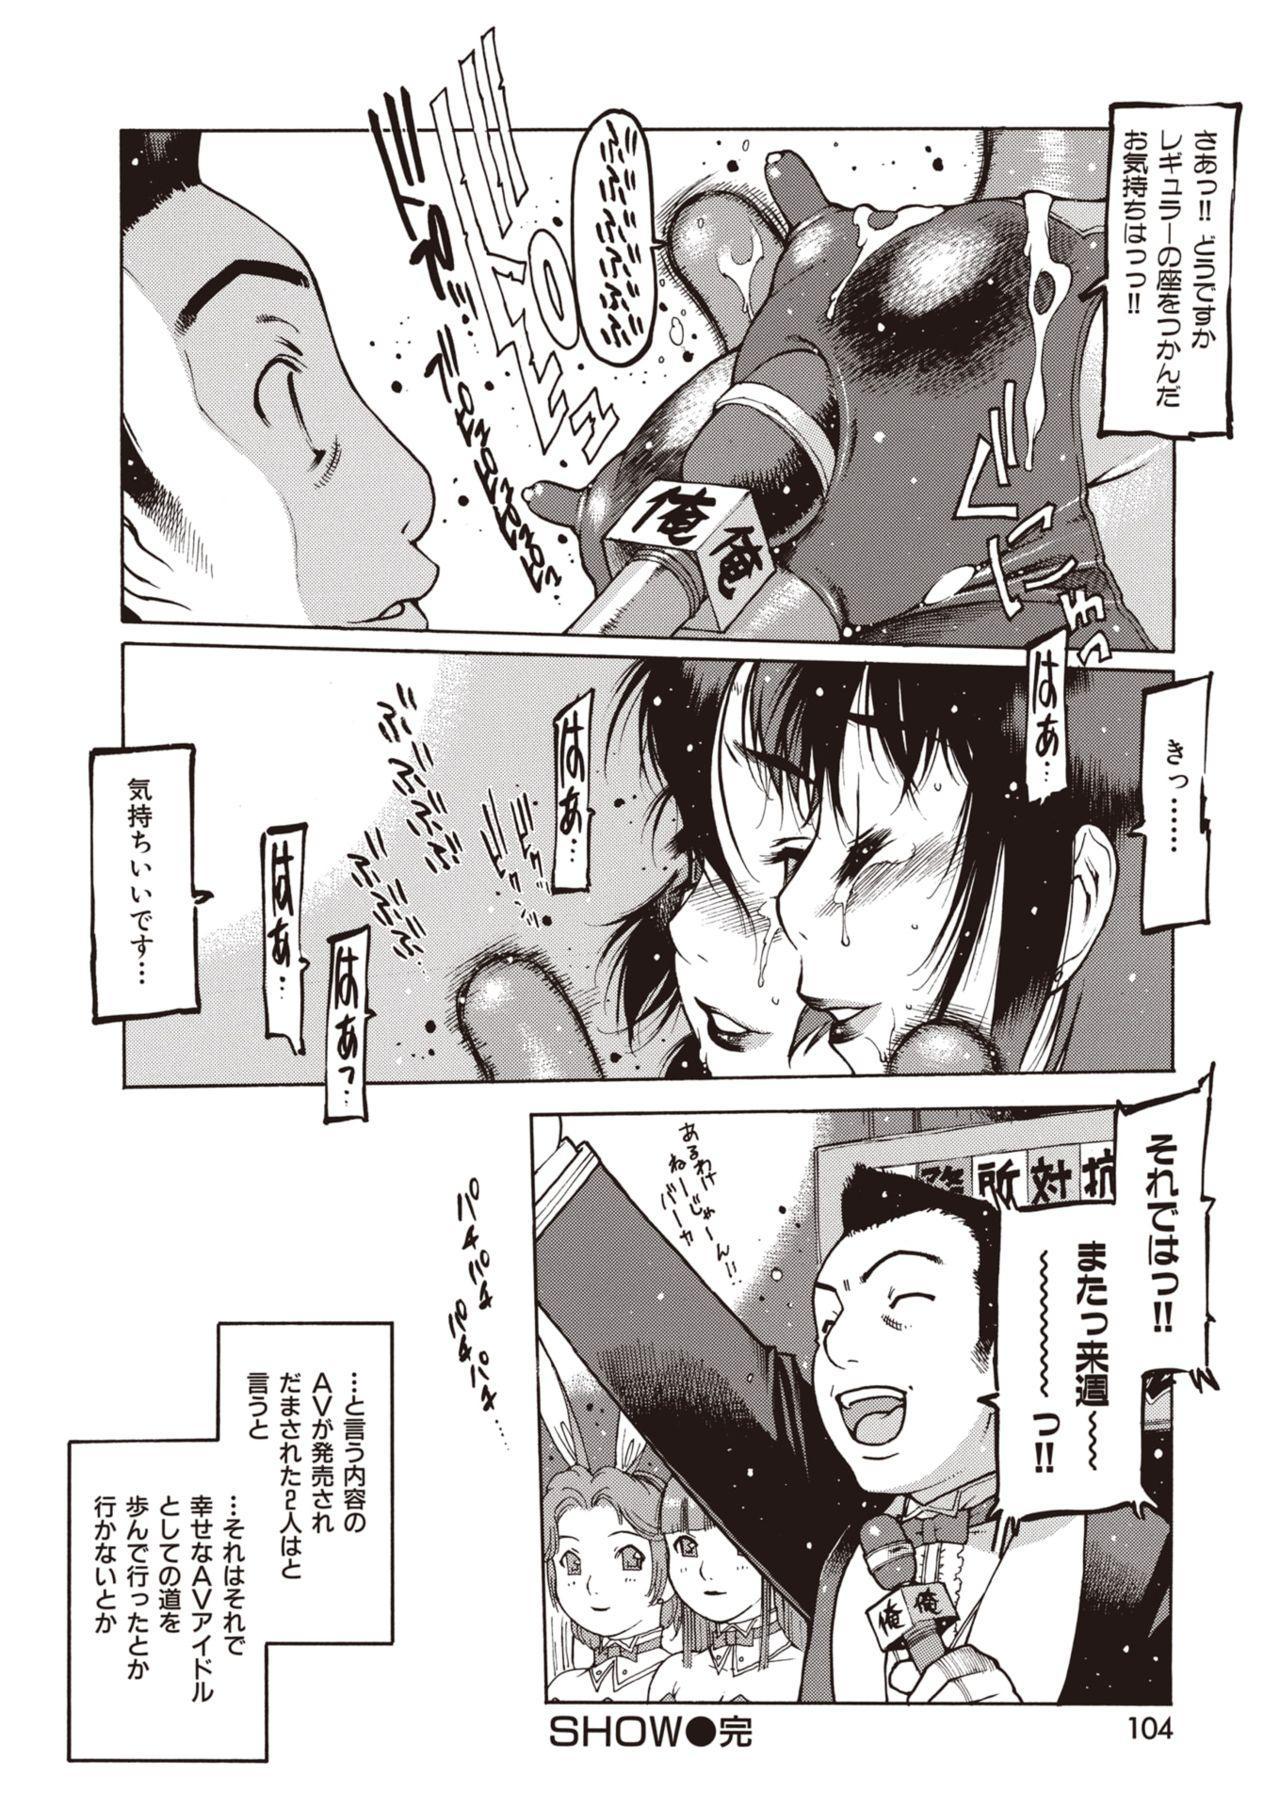 COMIC Kairakuten 25 Shuunen kinen tokubetsugou 126